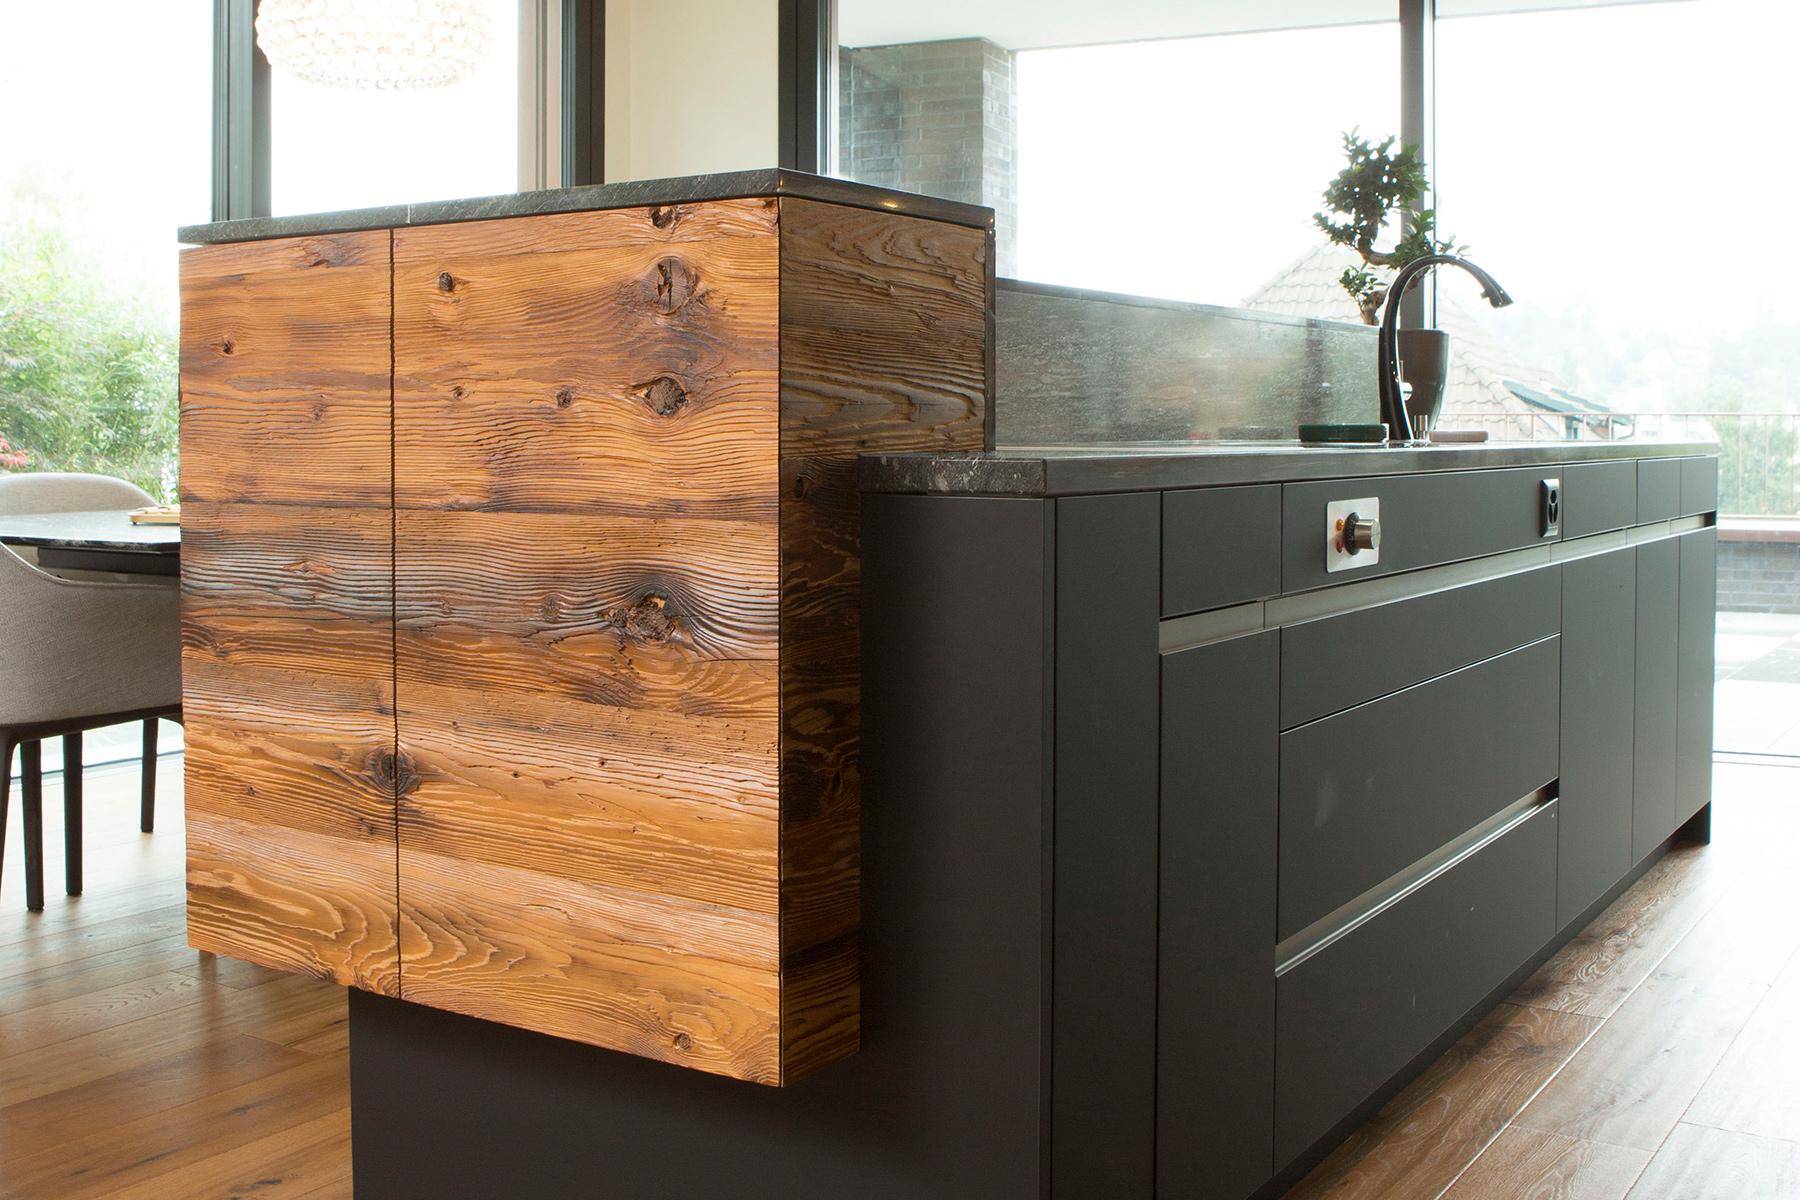 Kücheninsel in Valser Quarzit poliert. Küche mit schwarzen Armaturen.